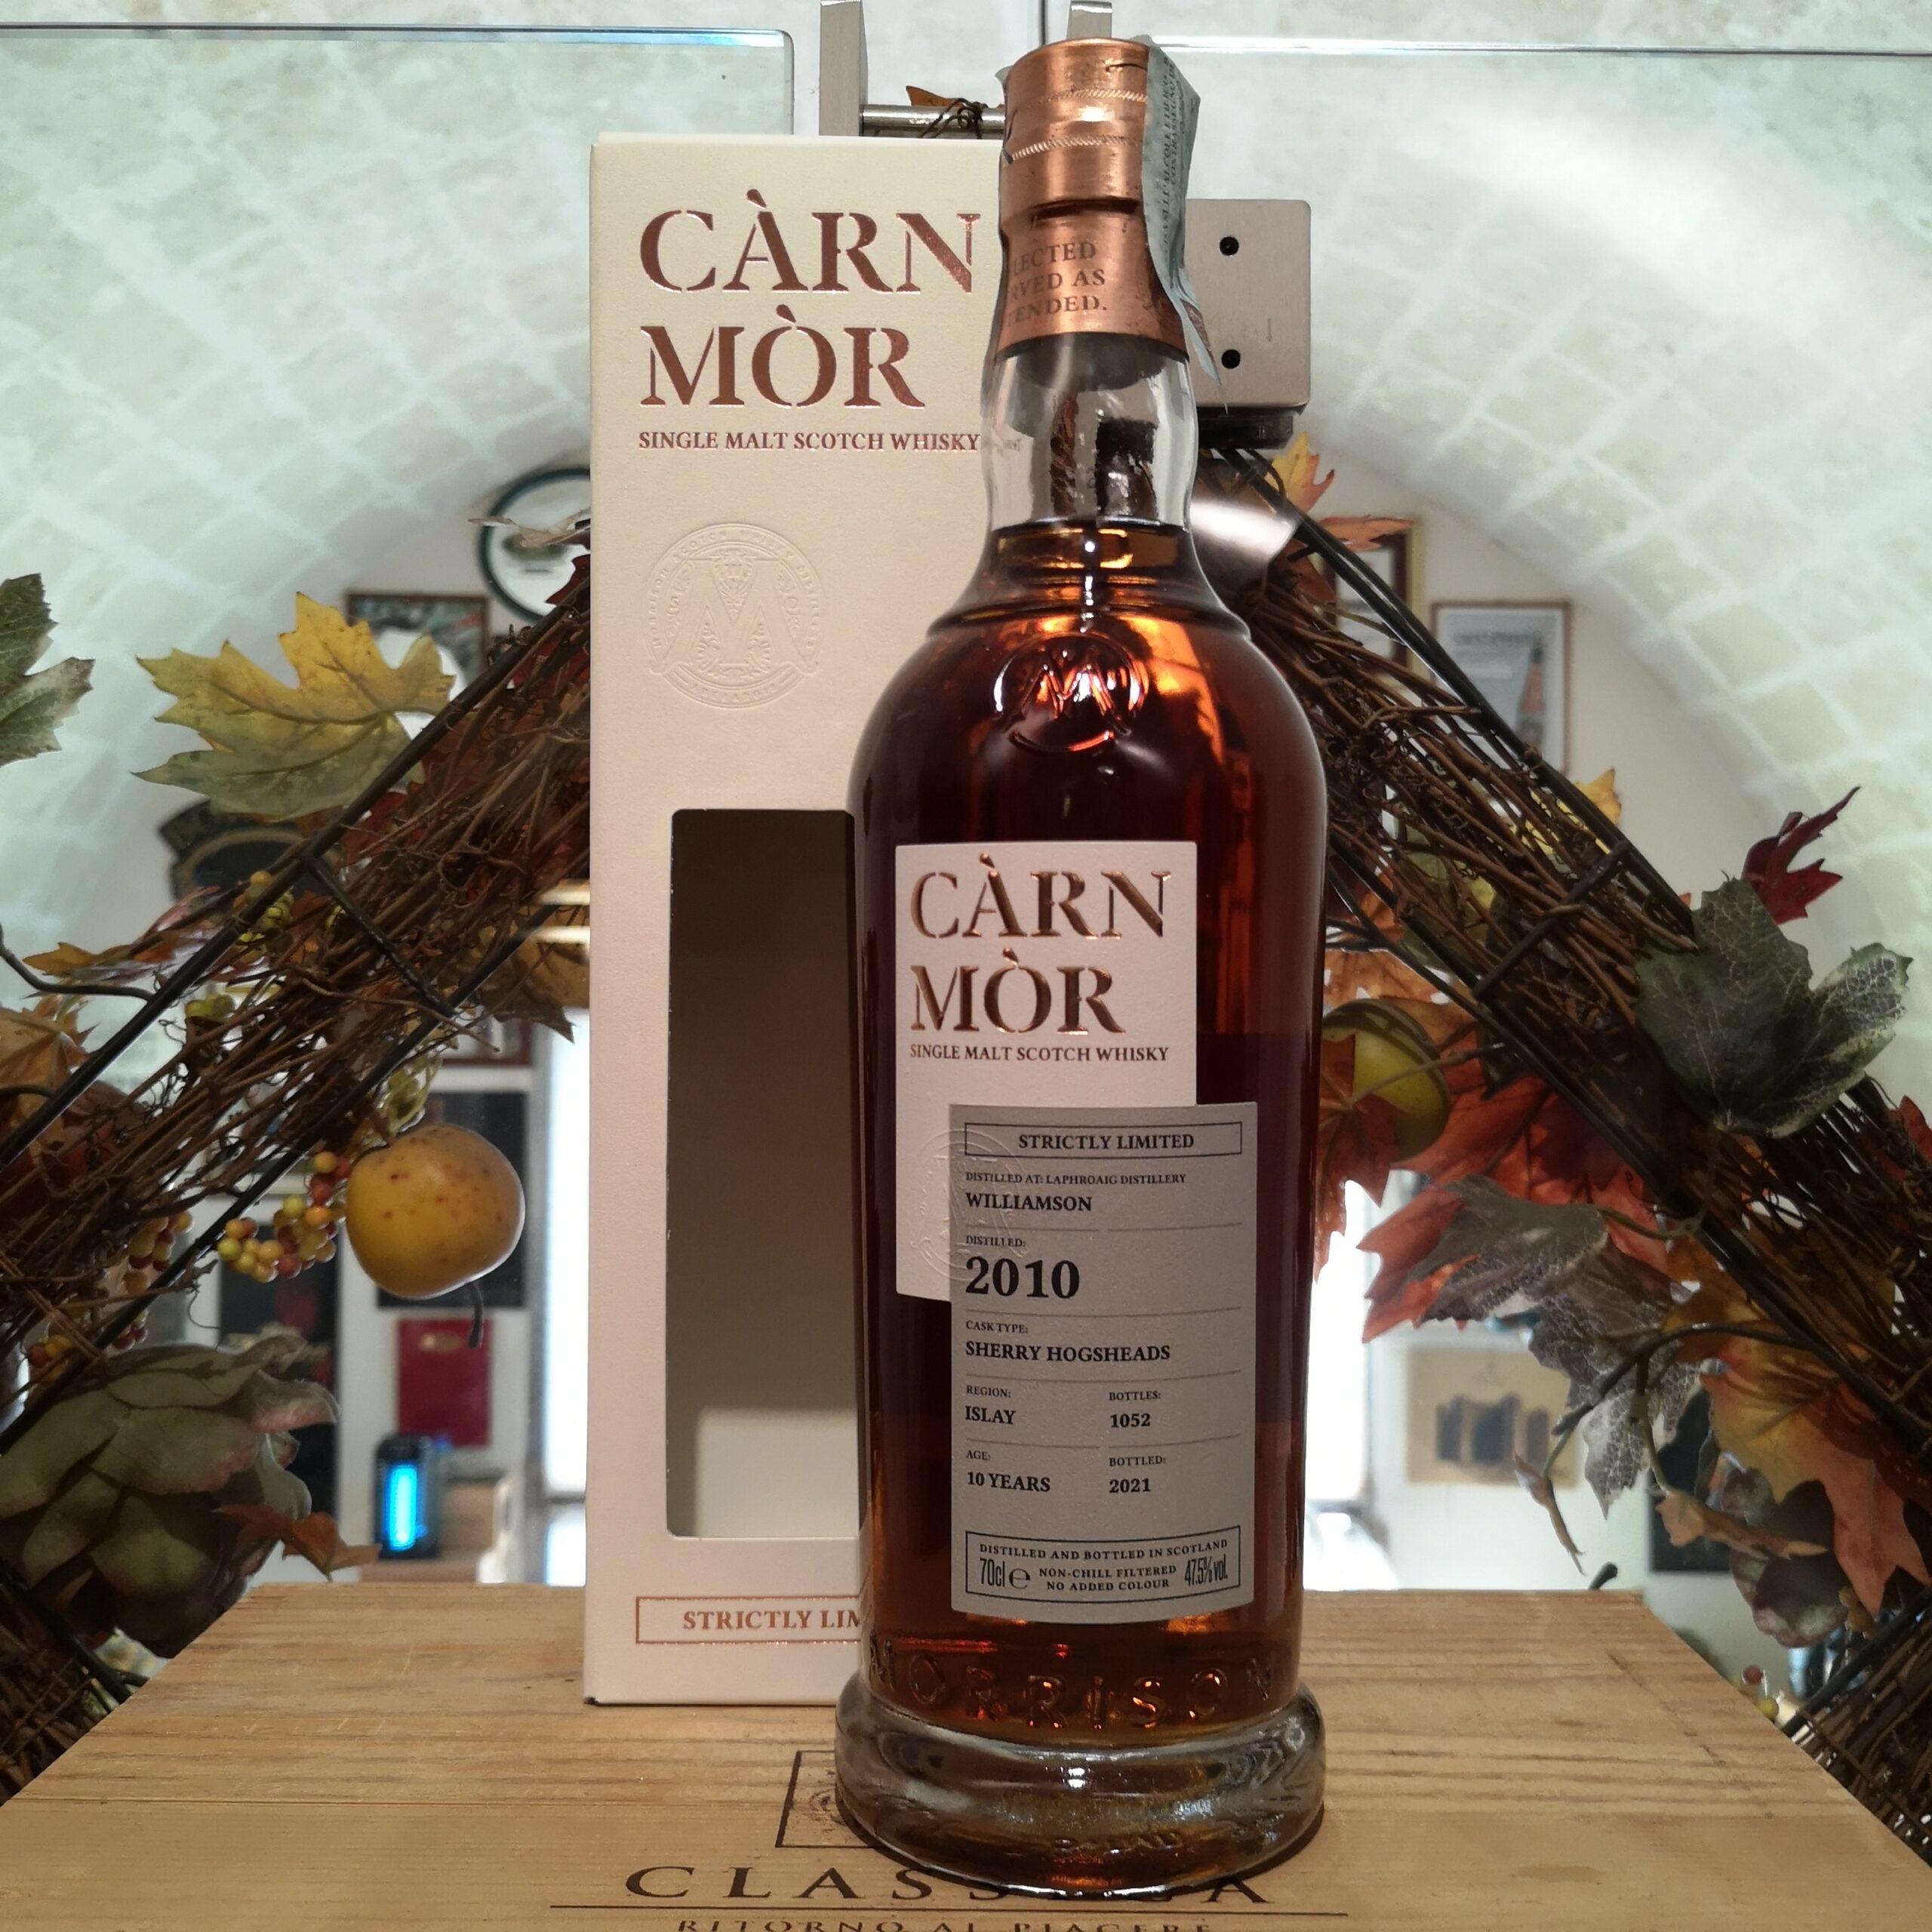 Càrn Mòr Strictly Limited Williamson Single Malt Scotch Whisky 2010 10 YO